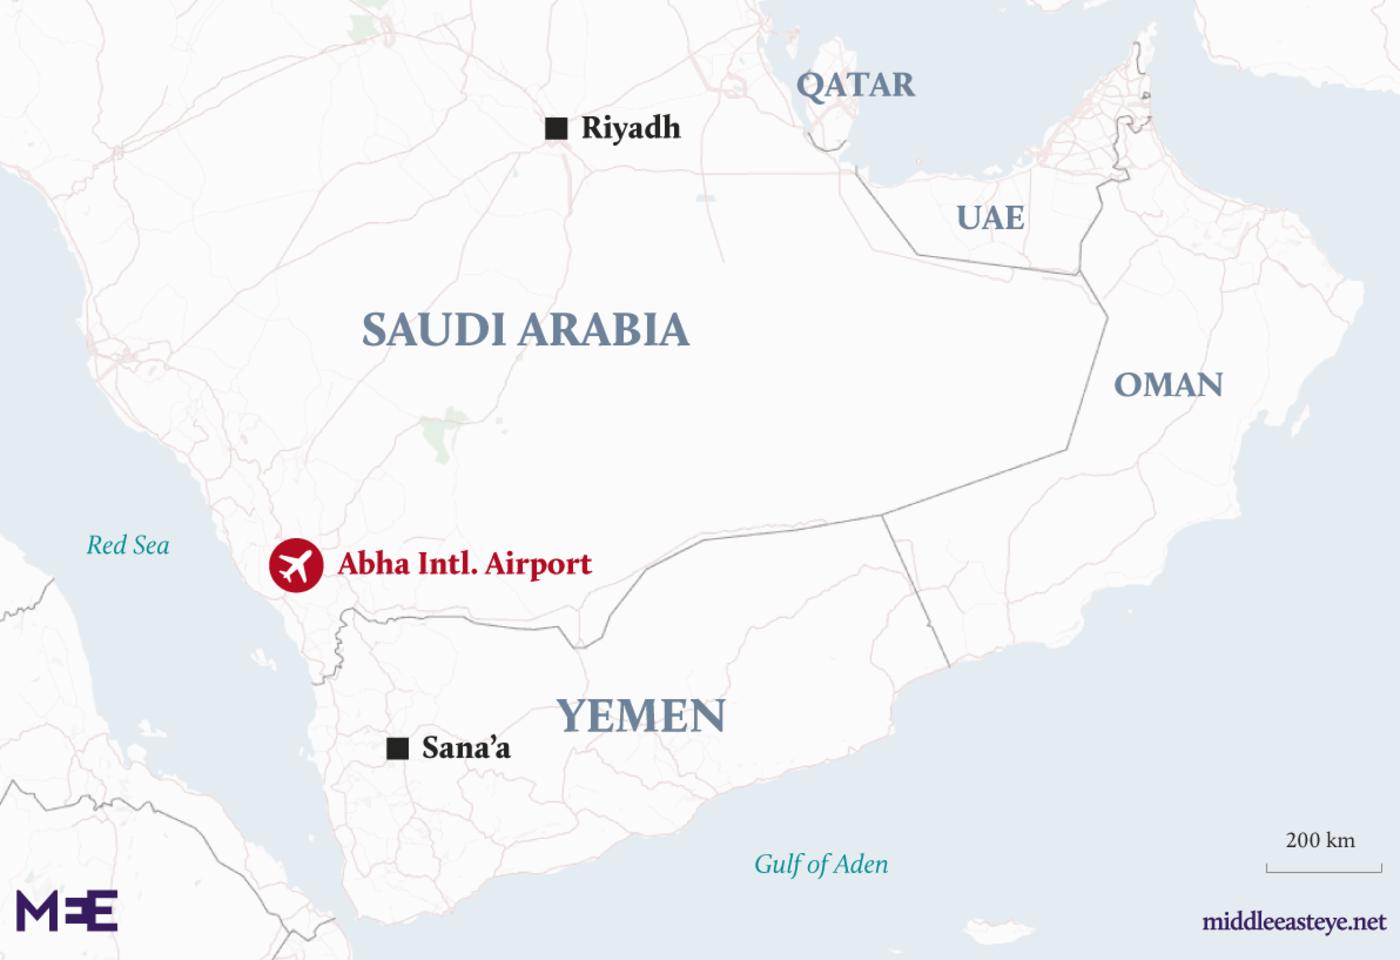 Атака хуситов на аэропорт Абха